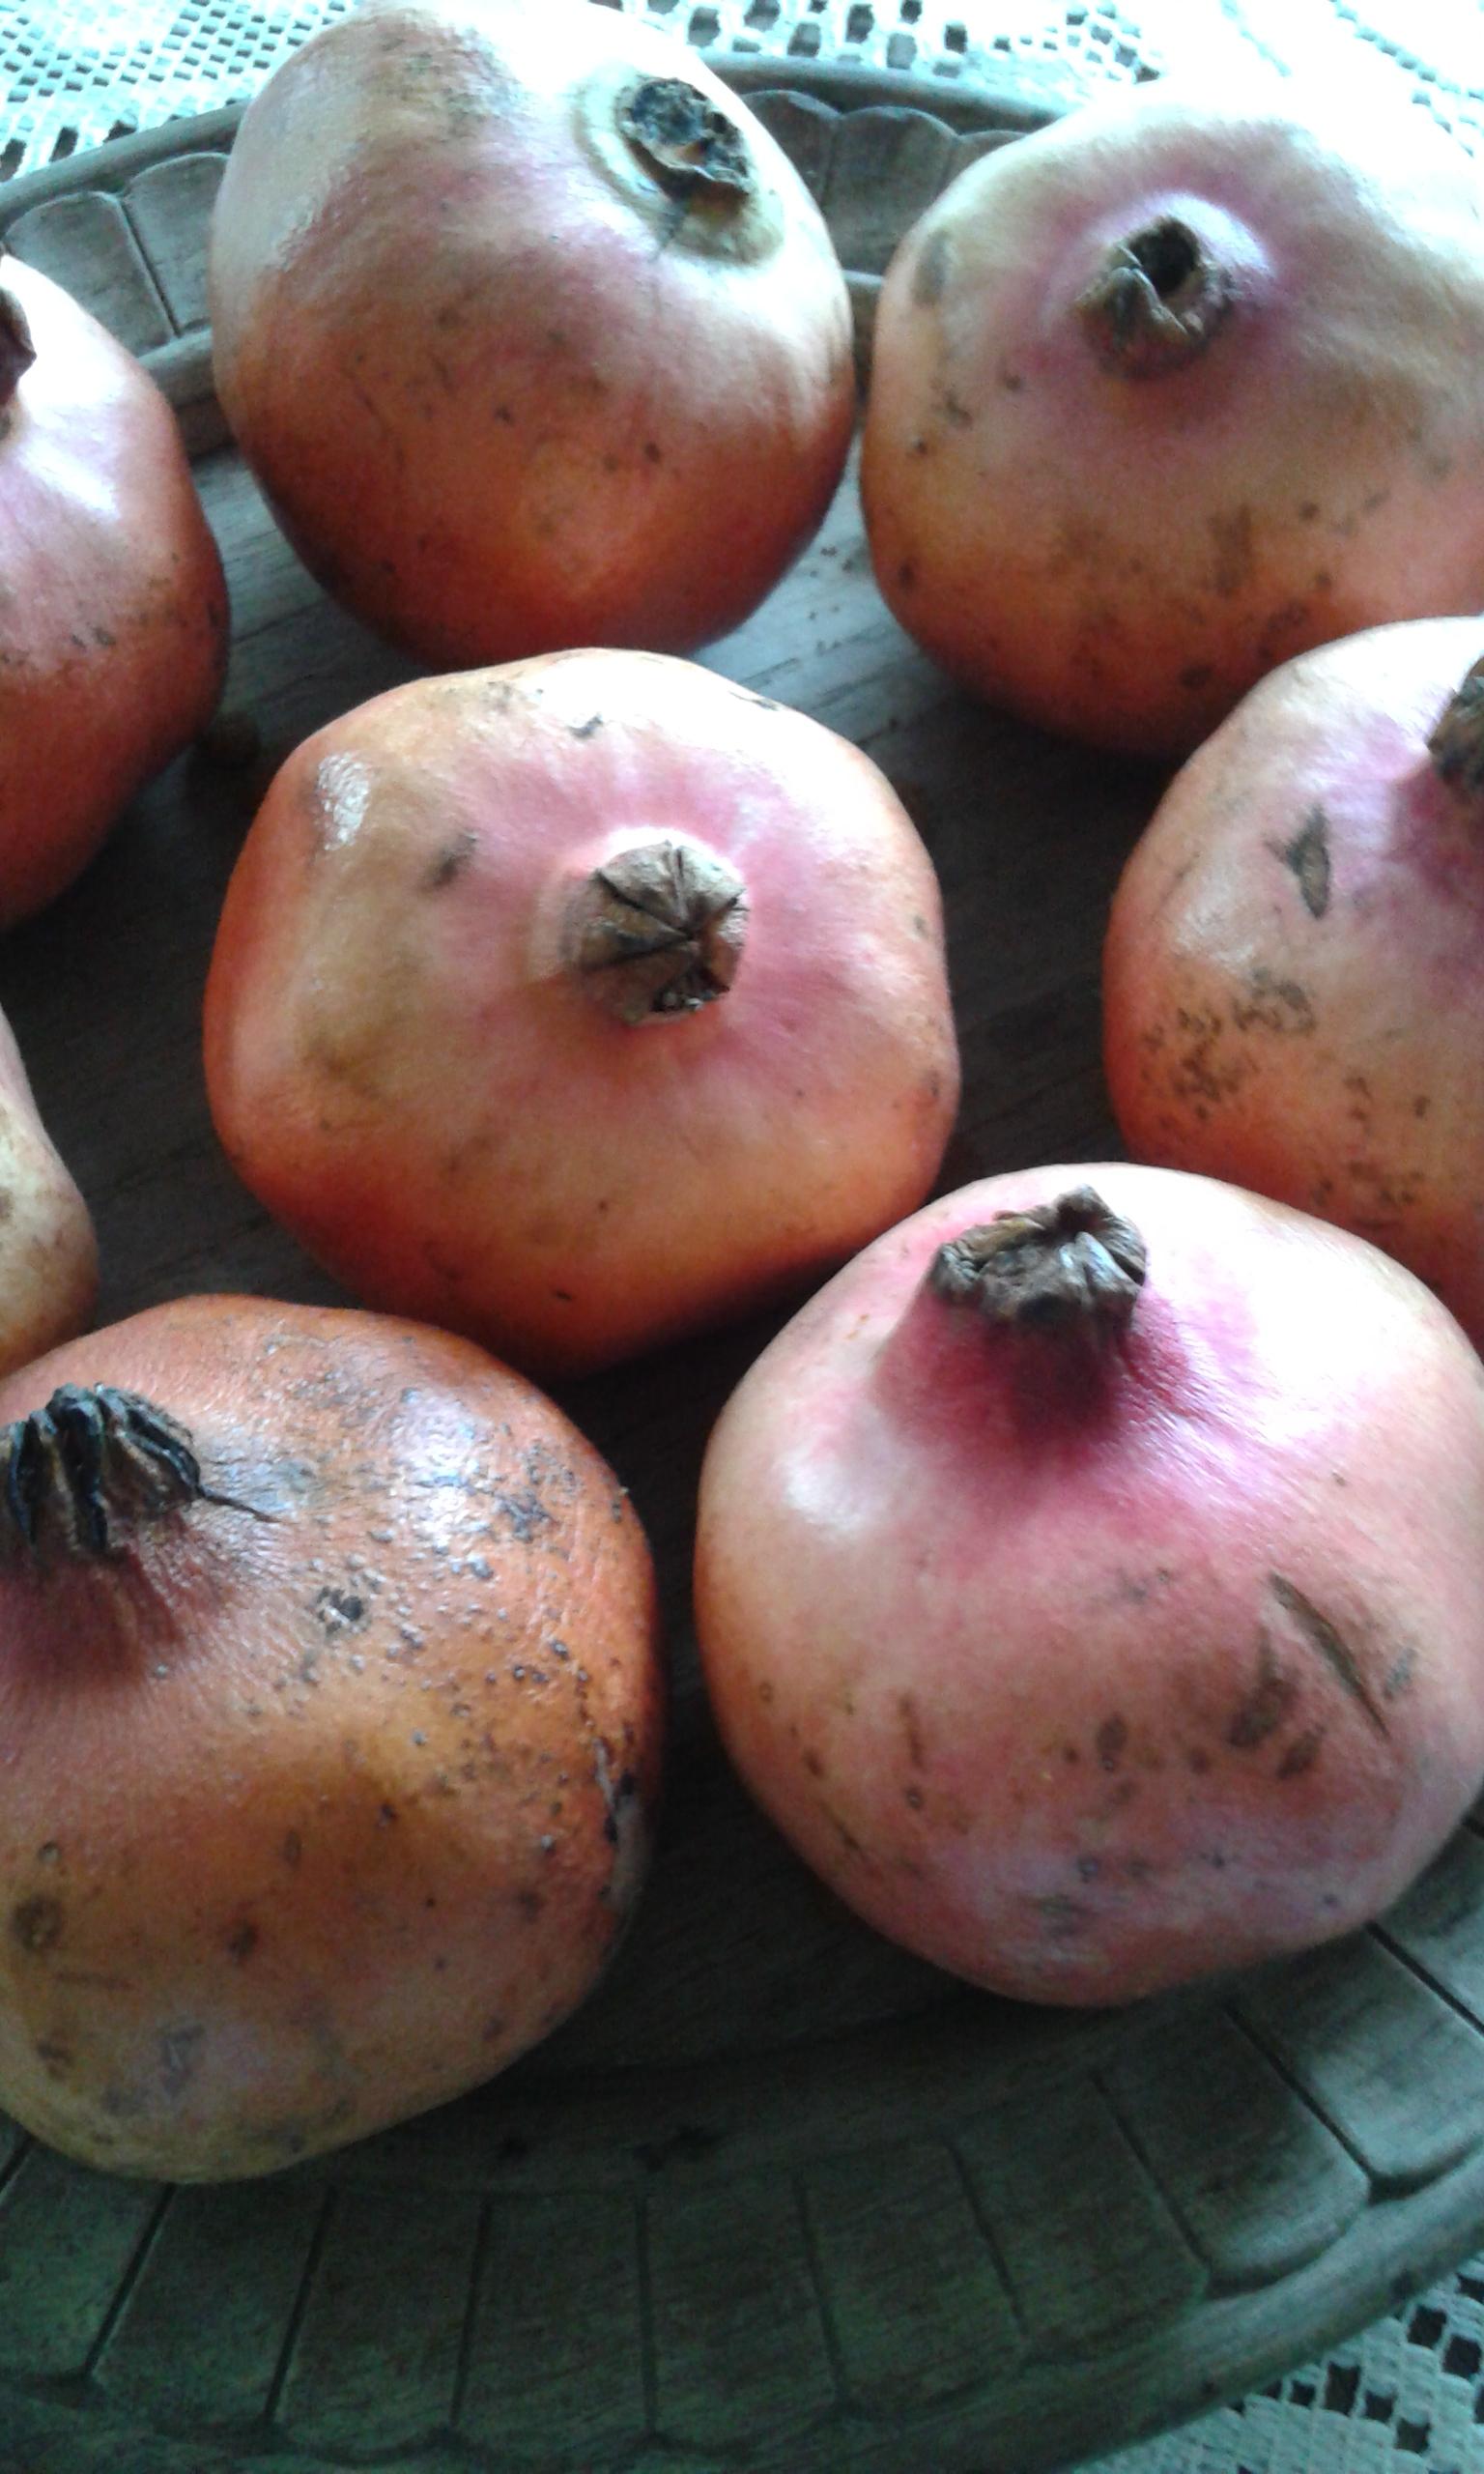 granaty owoce młodości i płodności